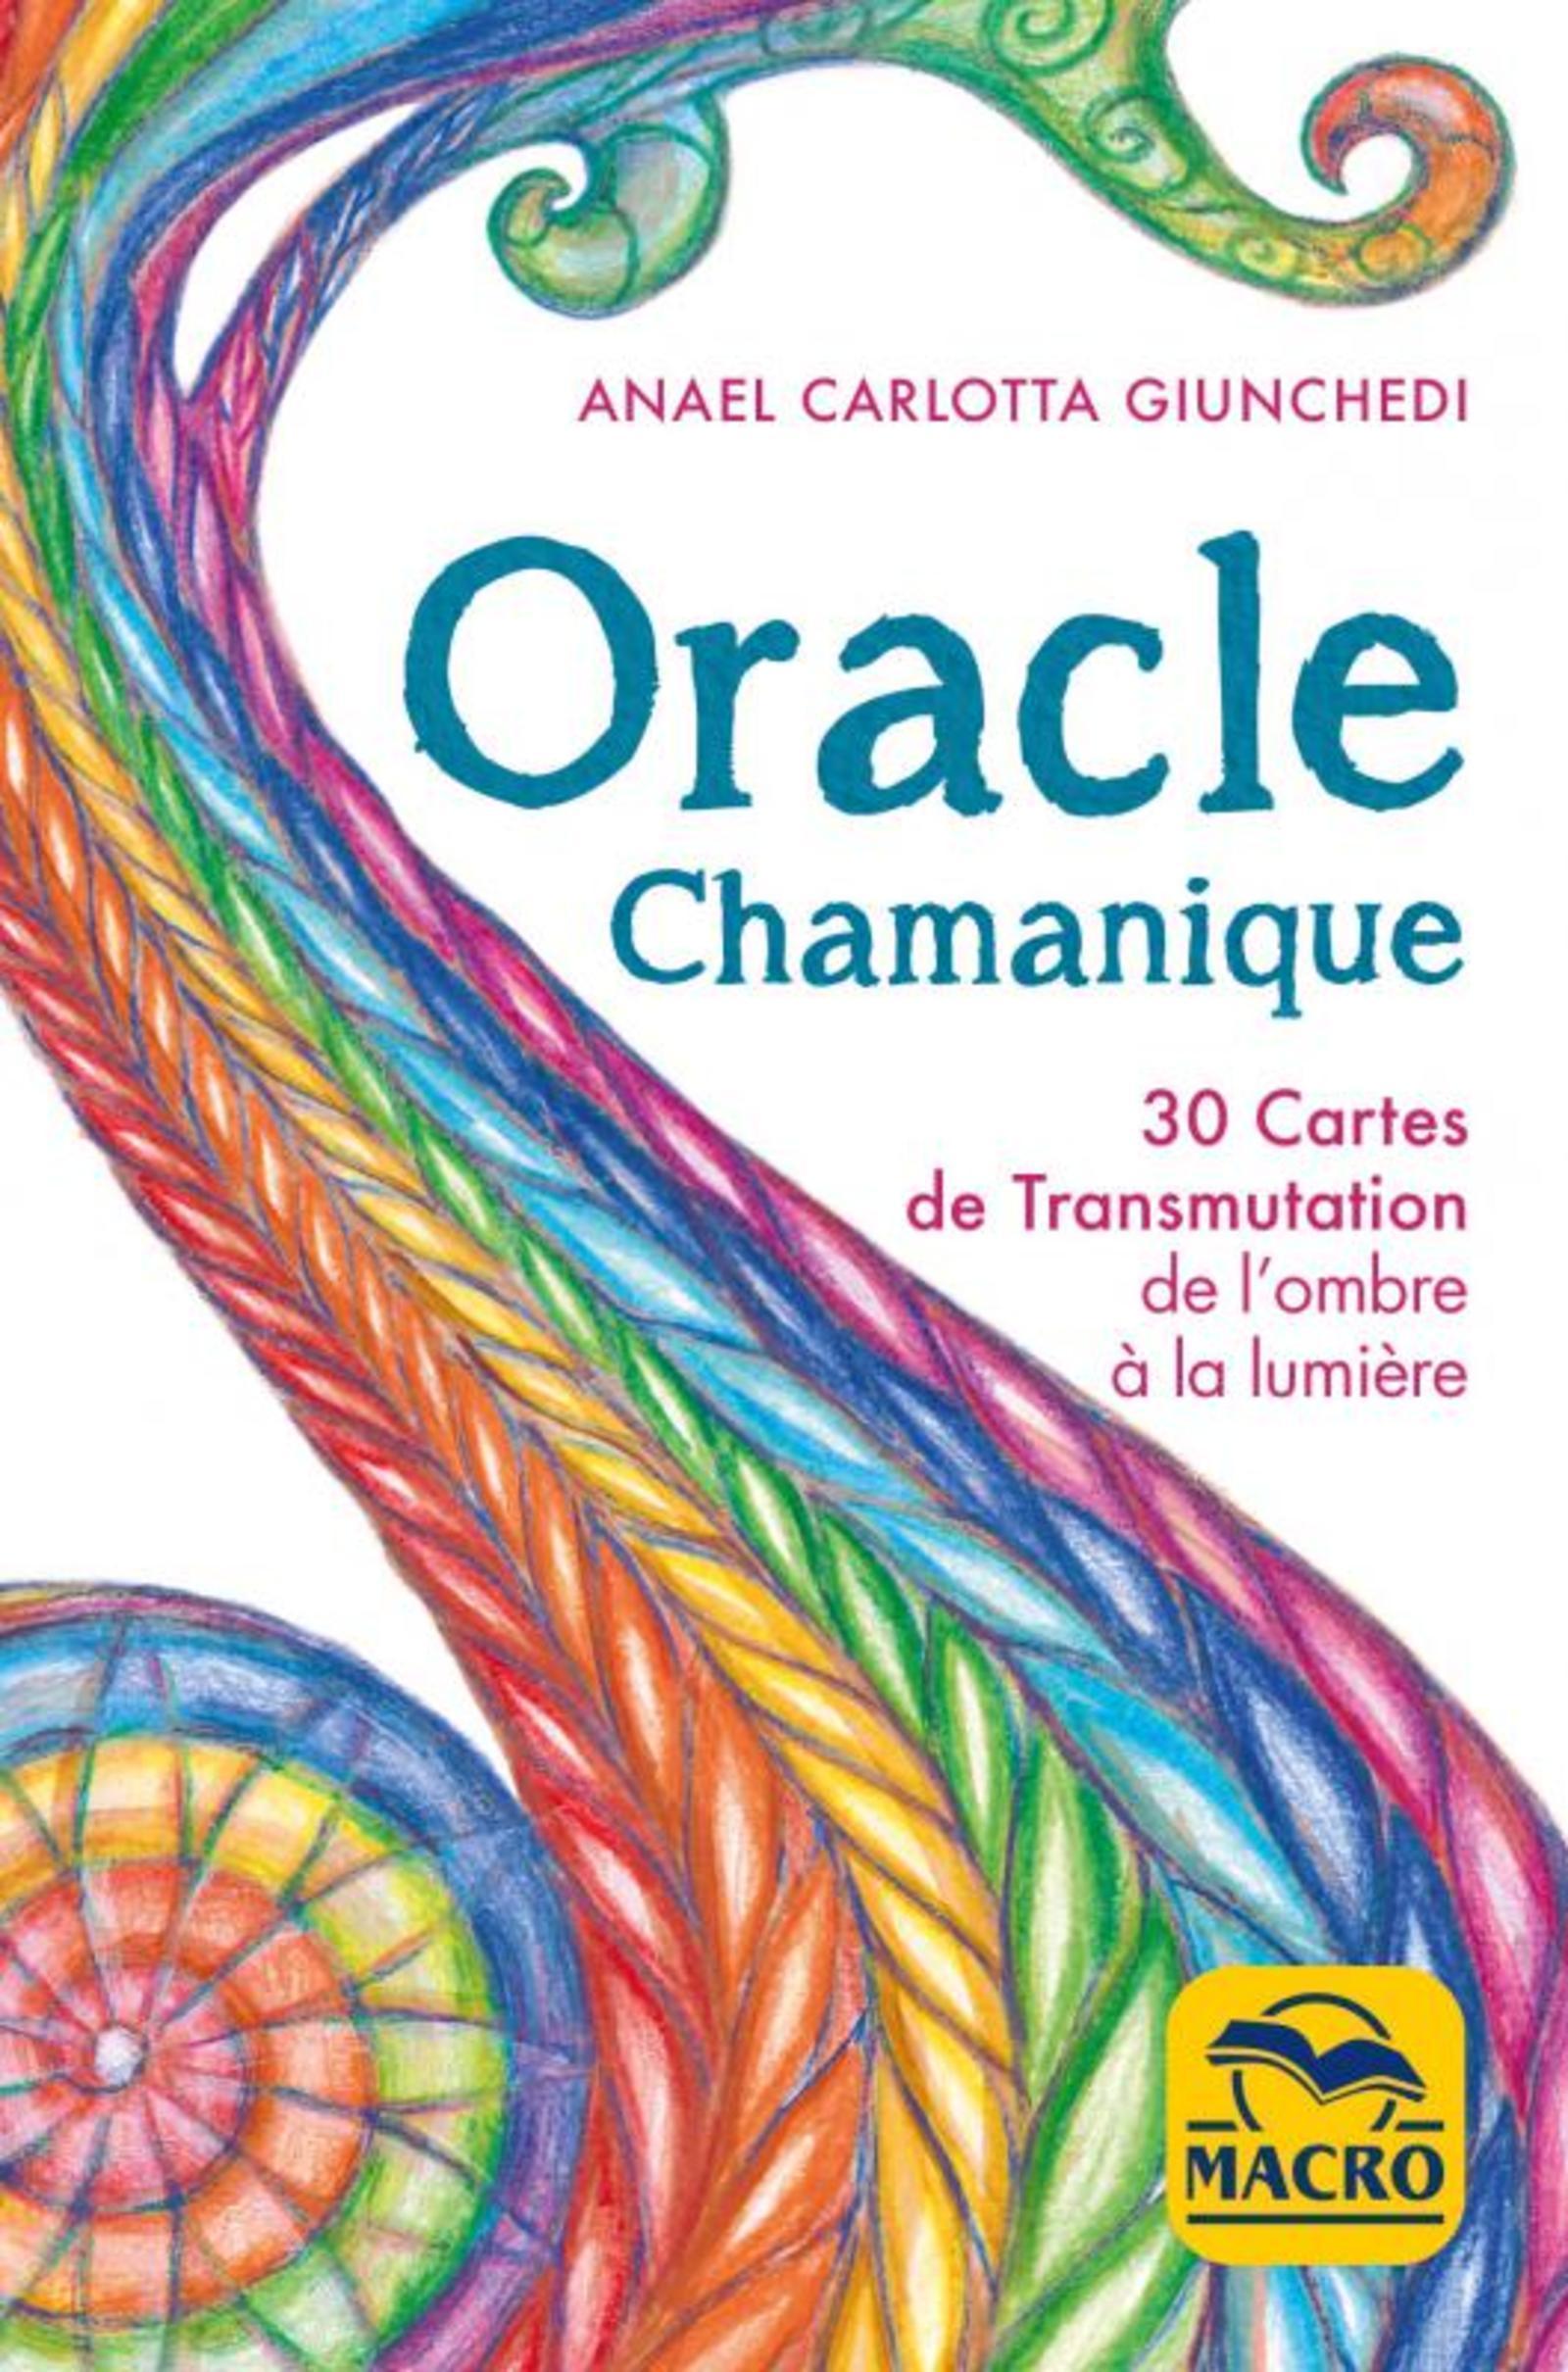 COFFRET ORACLE CHAMANIQUE - 30 CARTES DE TRANSMUTATION DE L'OMBRE A LA LUMIERE ACCOMPAGNEES D'UN LIV